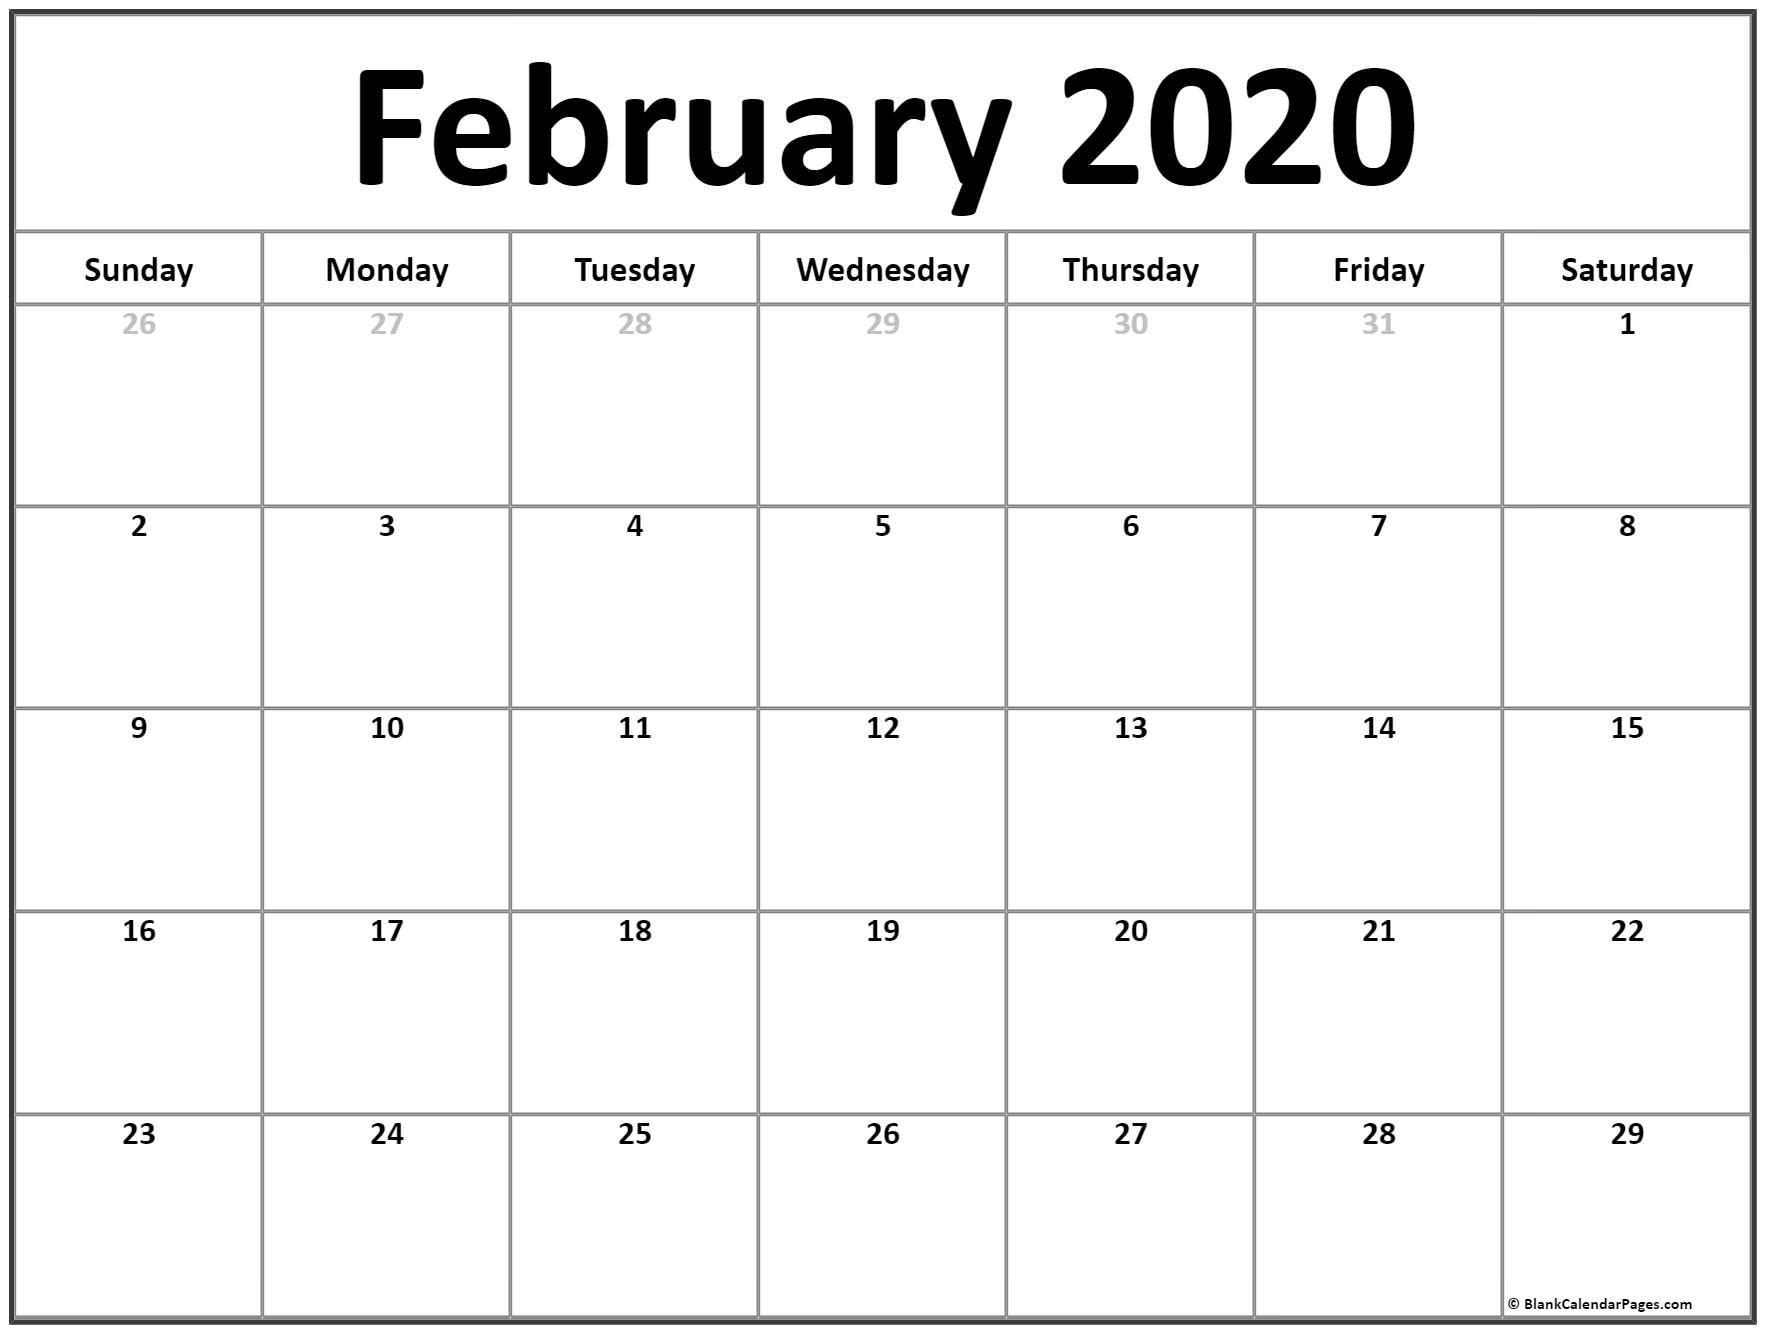 2020 February Printable Calendar February 2020 Calendar